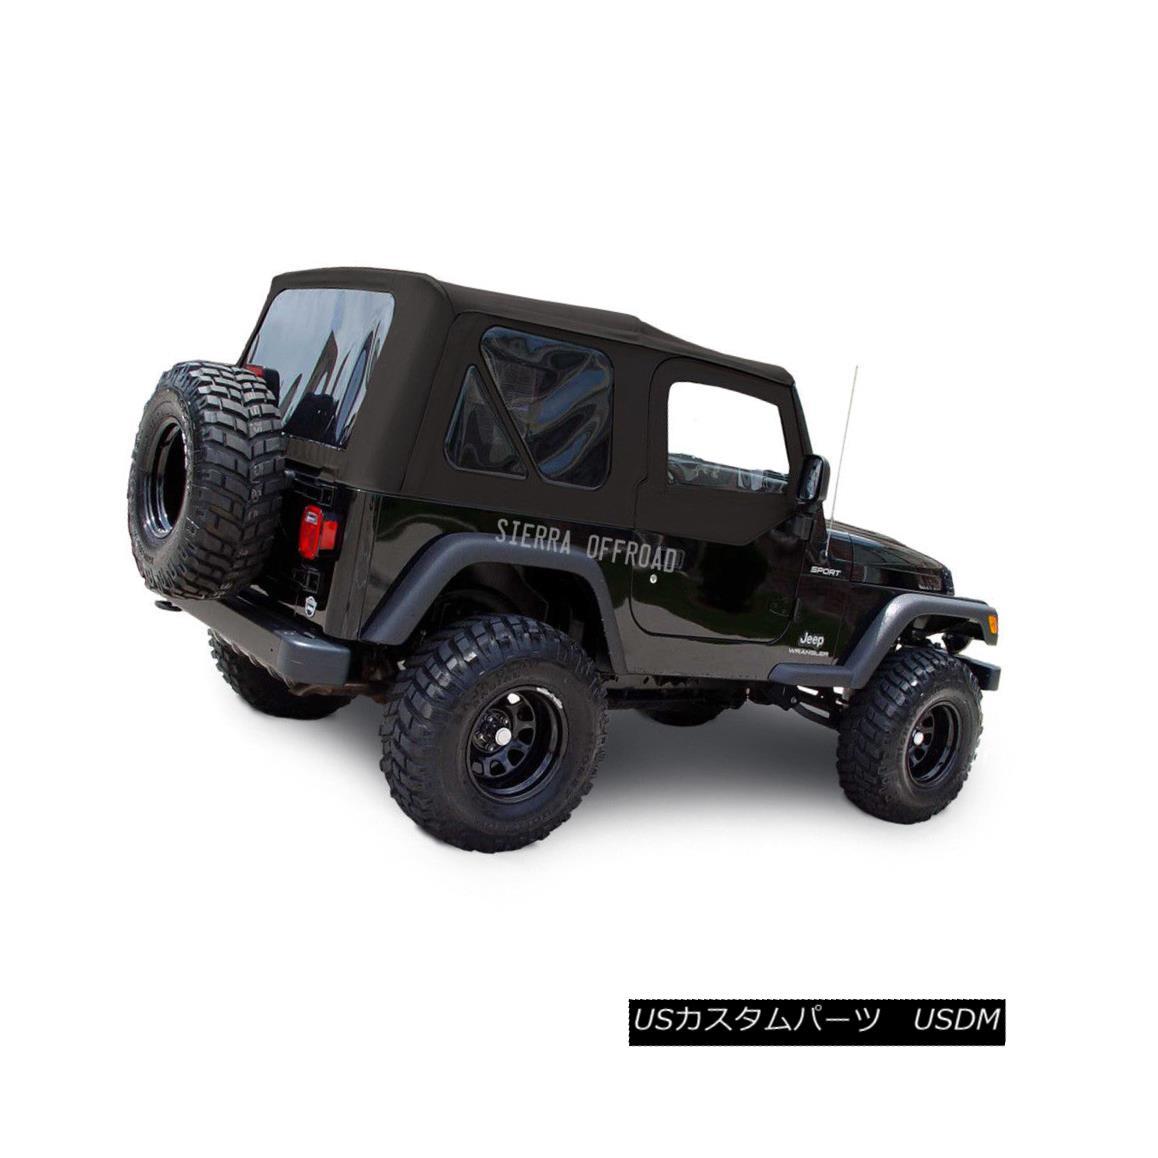 幌・ソフトトップ Jeep Wrangler TJ Soft top, 03-06, Tinted Windows, Upper Doors, Black Diamond ジープラングラーTJソフトトップ、03-06、ティンテッドウインドウ、アッパードア、ブラックダイヤモンド